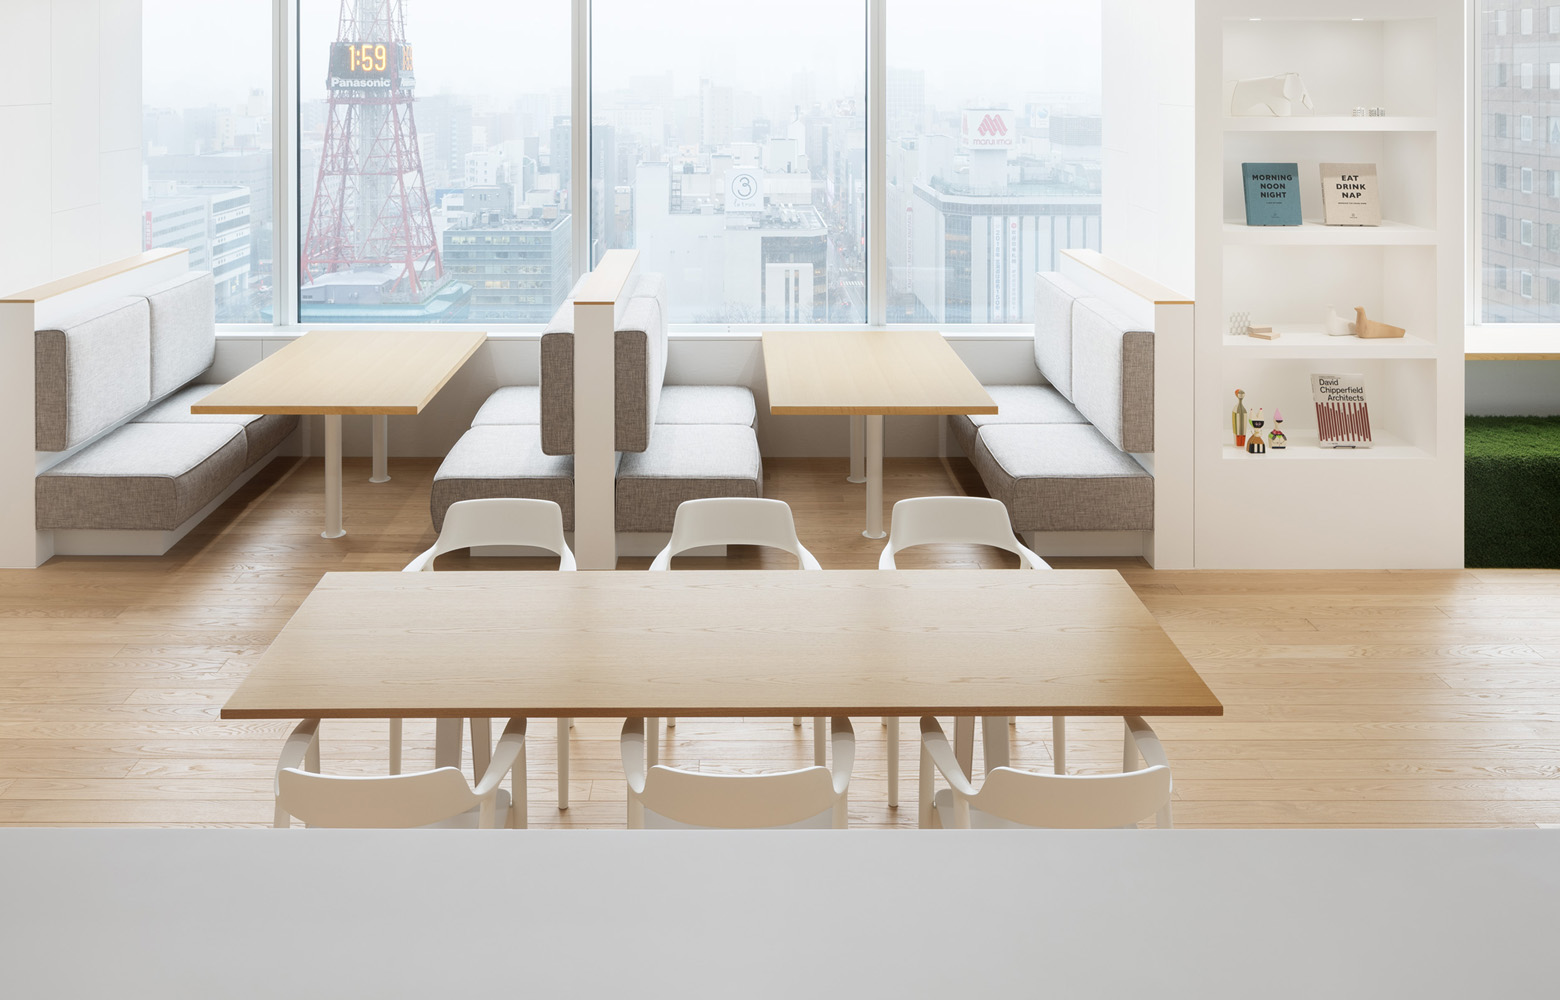 ダイアモンドヘッド株式会社  Sapporo Office Refresh Space_3 デザイン・レイアウト事例